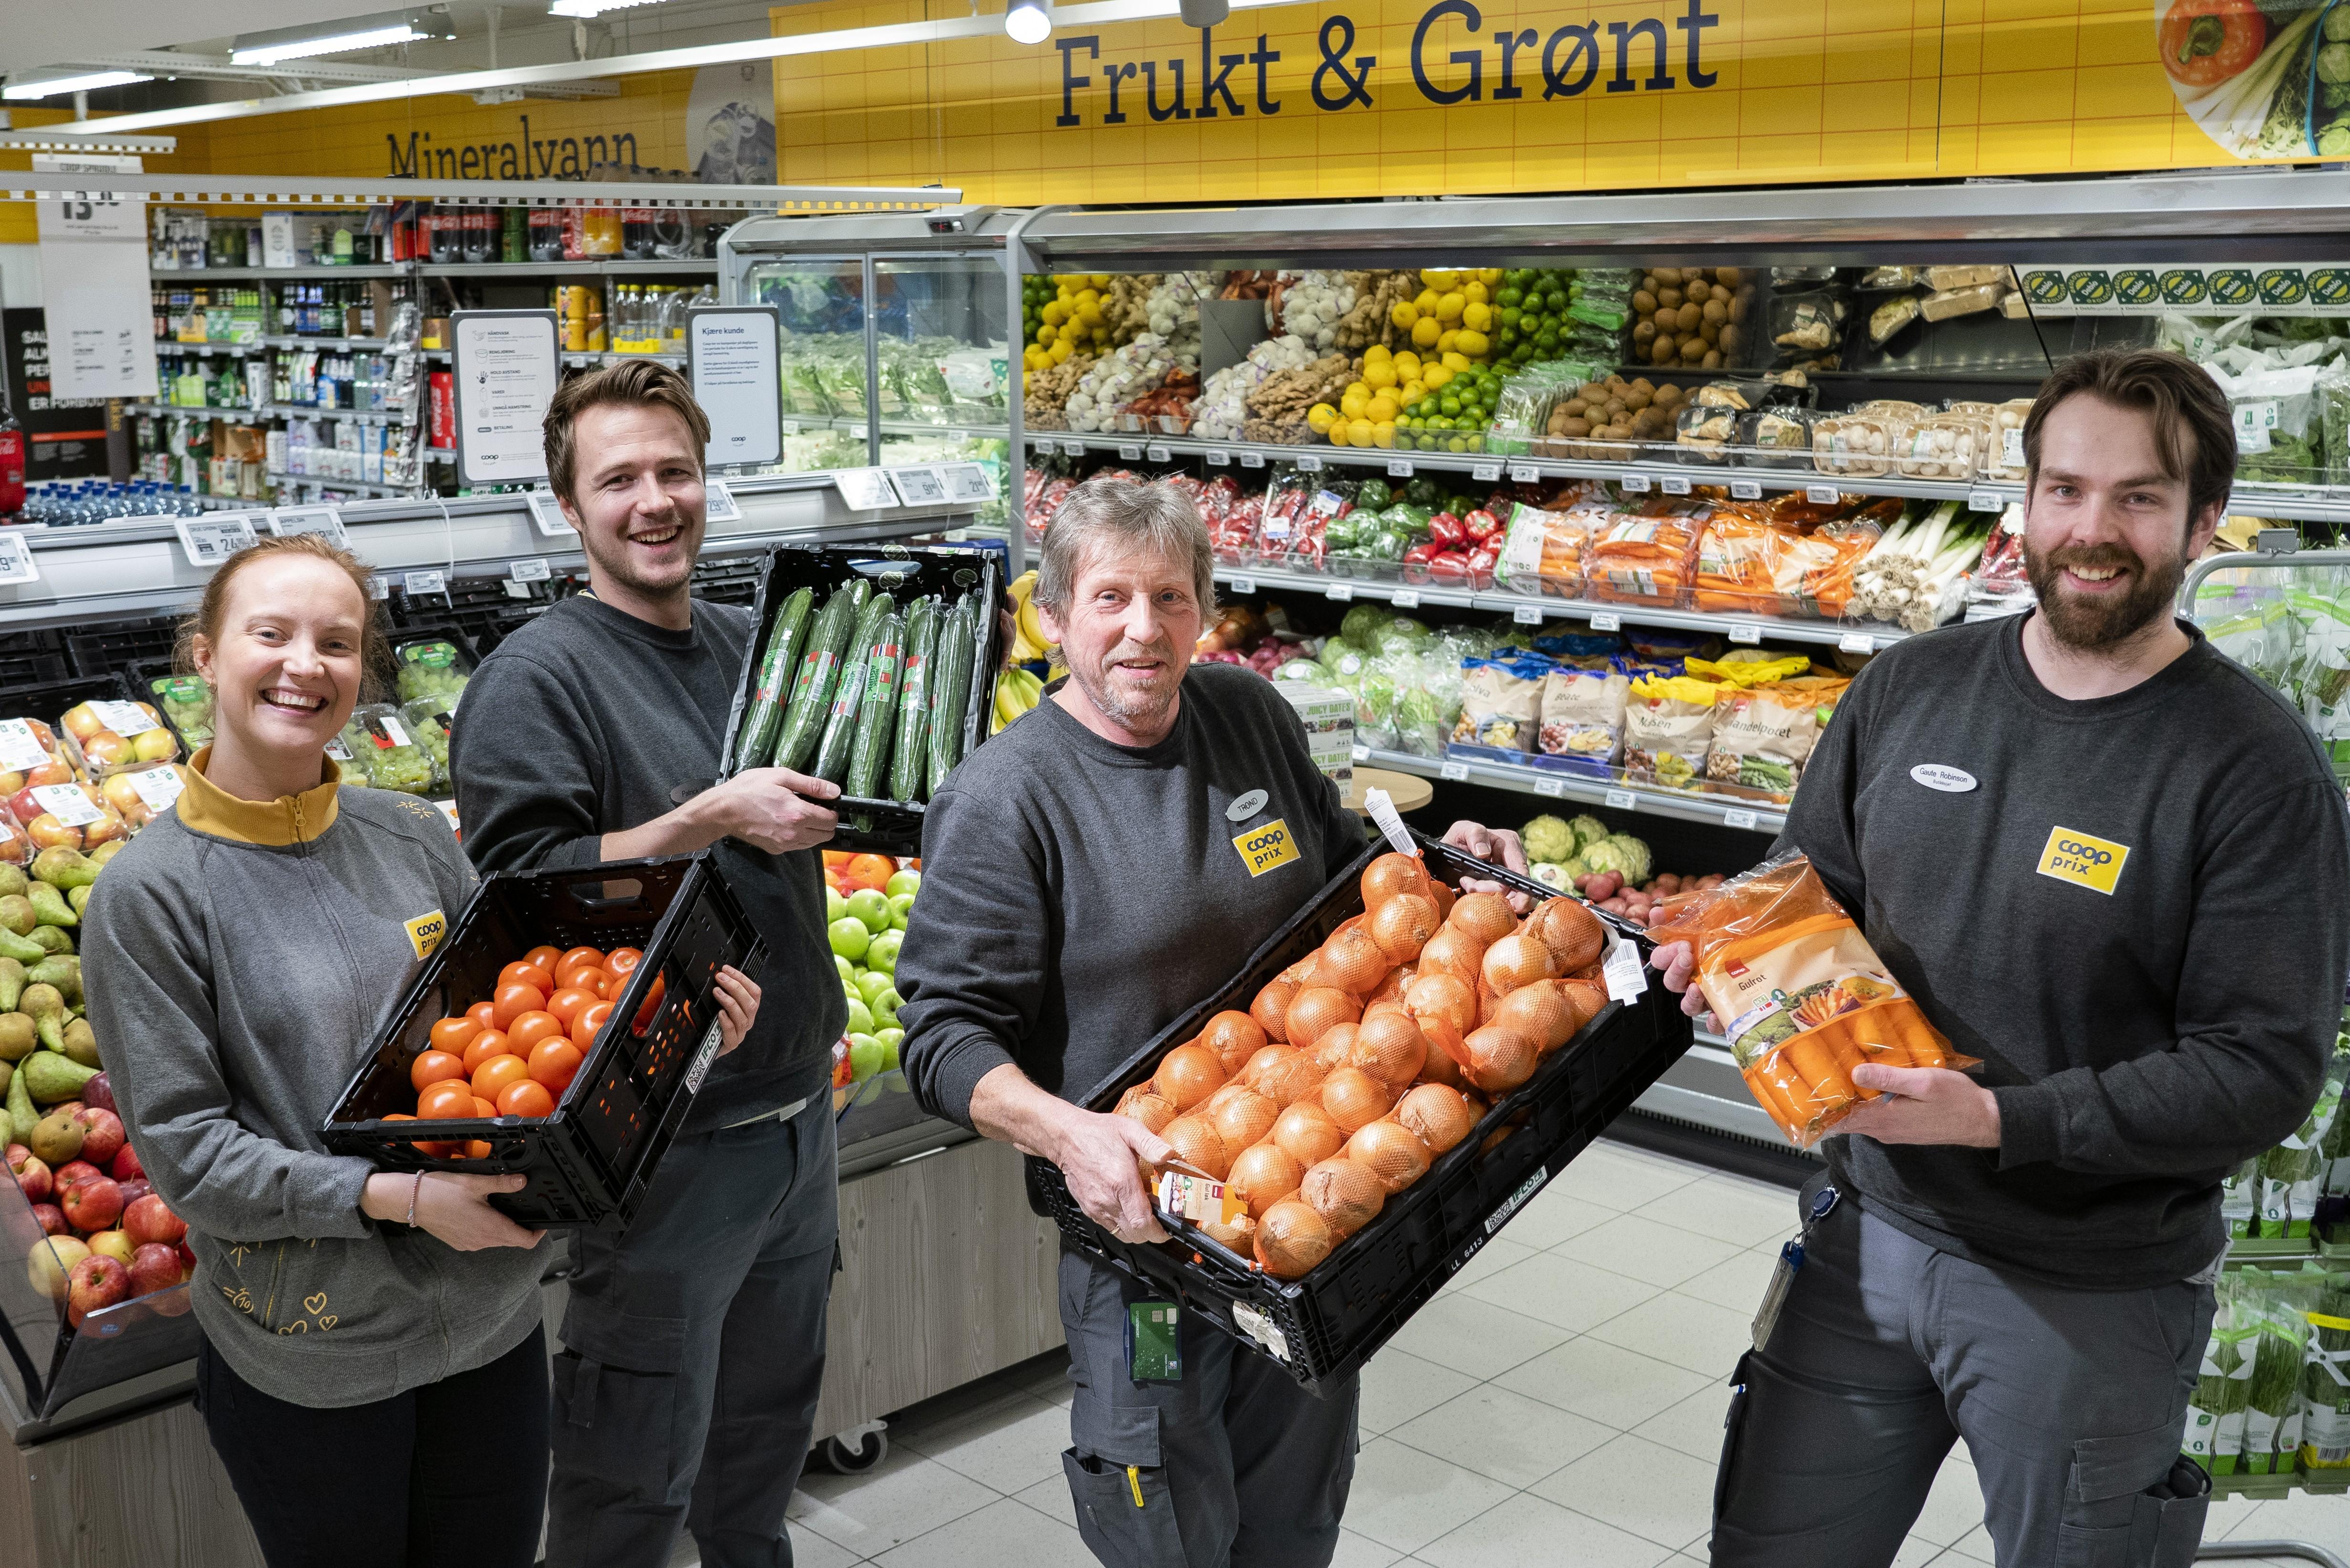 De norske produktene er populære, også på Coop Prix Bjørnemyr. Fra venstre: Oda Rosenlund, Patrick Bevan, Trond Larsen og Gaute Robinson.